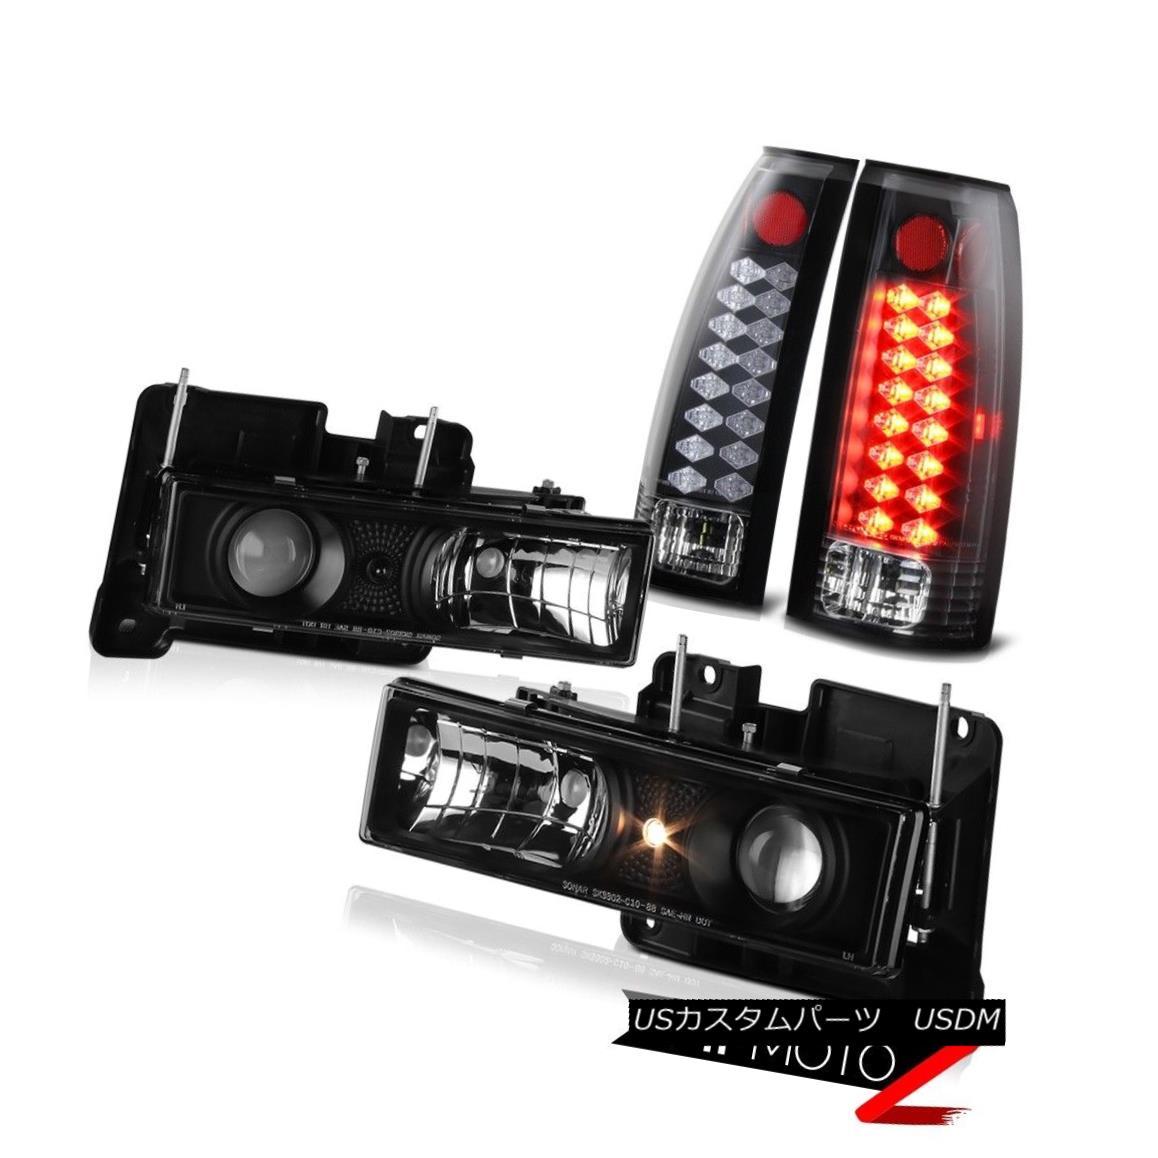 ヘッドライト 1988-1998 Chevy GMC C/K Suburban 1500 2500 Black Headlights+LED Rear Taillamps 1988-1998シボレーGMC C / K郊外1500 2500ブラックヘッドライト+ LEDリアタイヤ